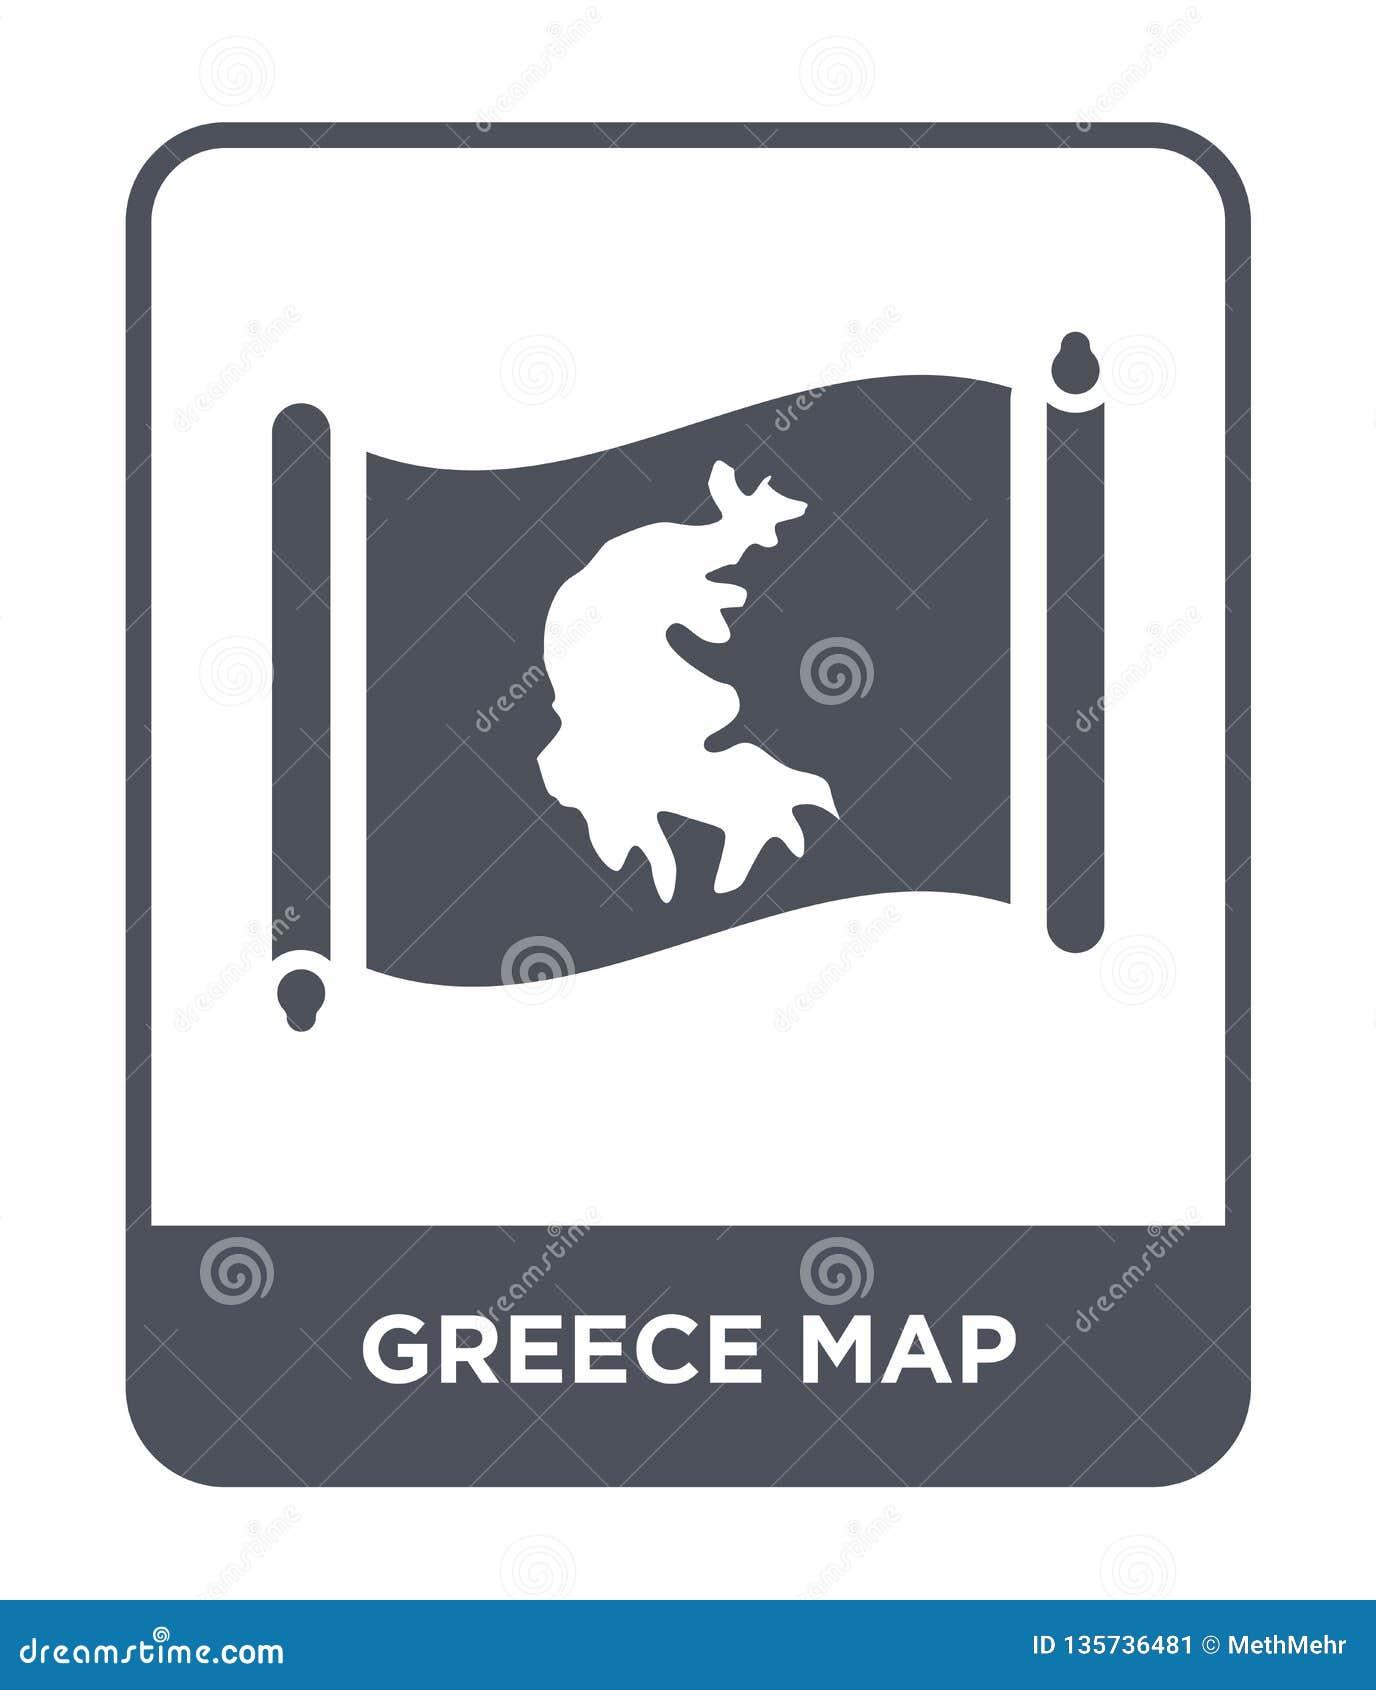 Grekland översiktssymbol i moderiktig designstil Grekland översiktssymbol som isoleras på vit bakgrund modern symbol för Grekland